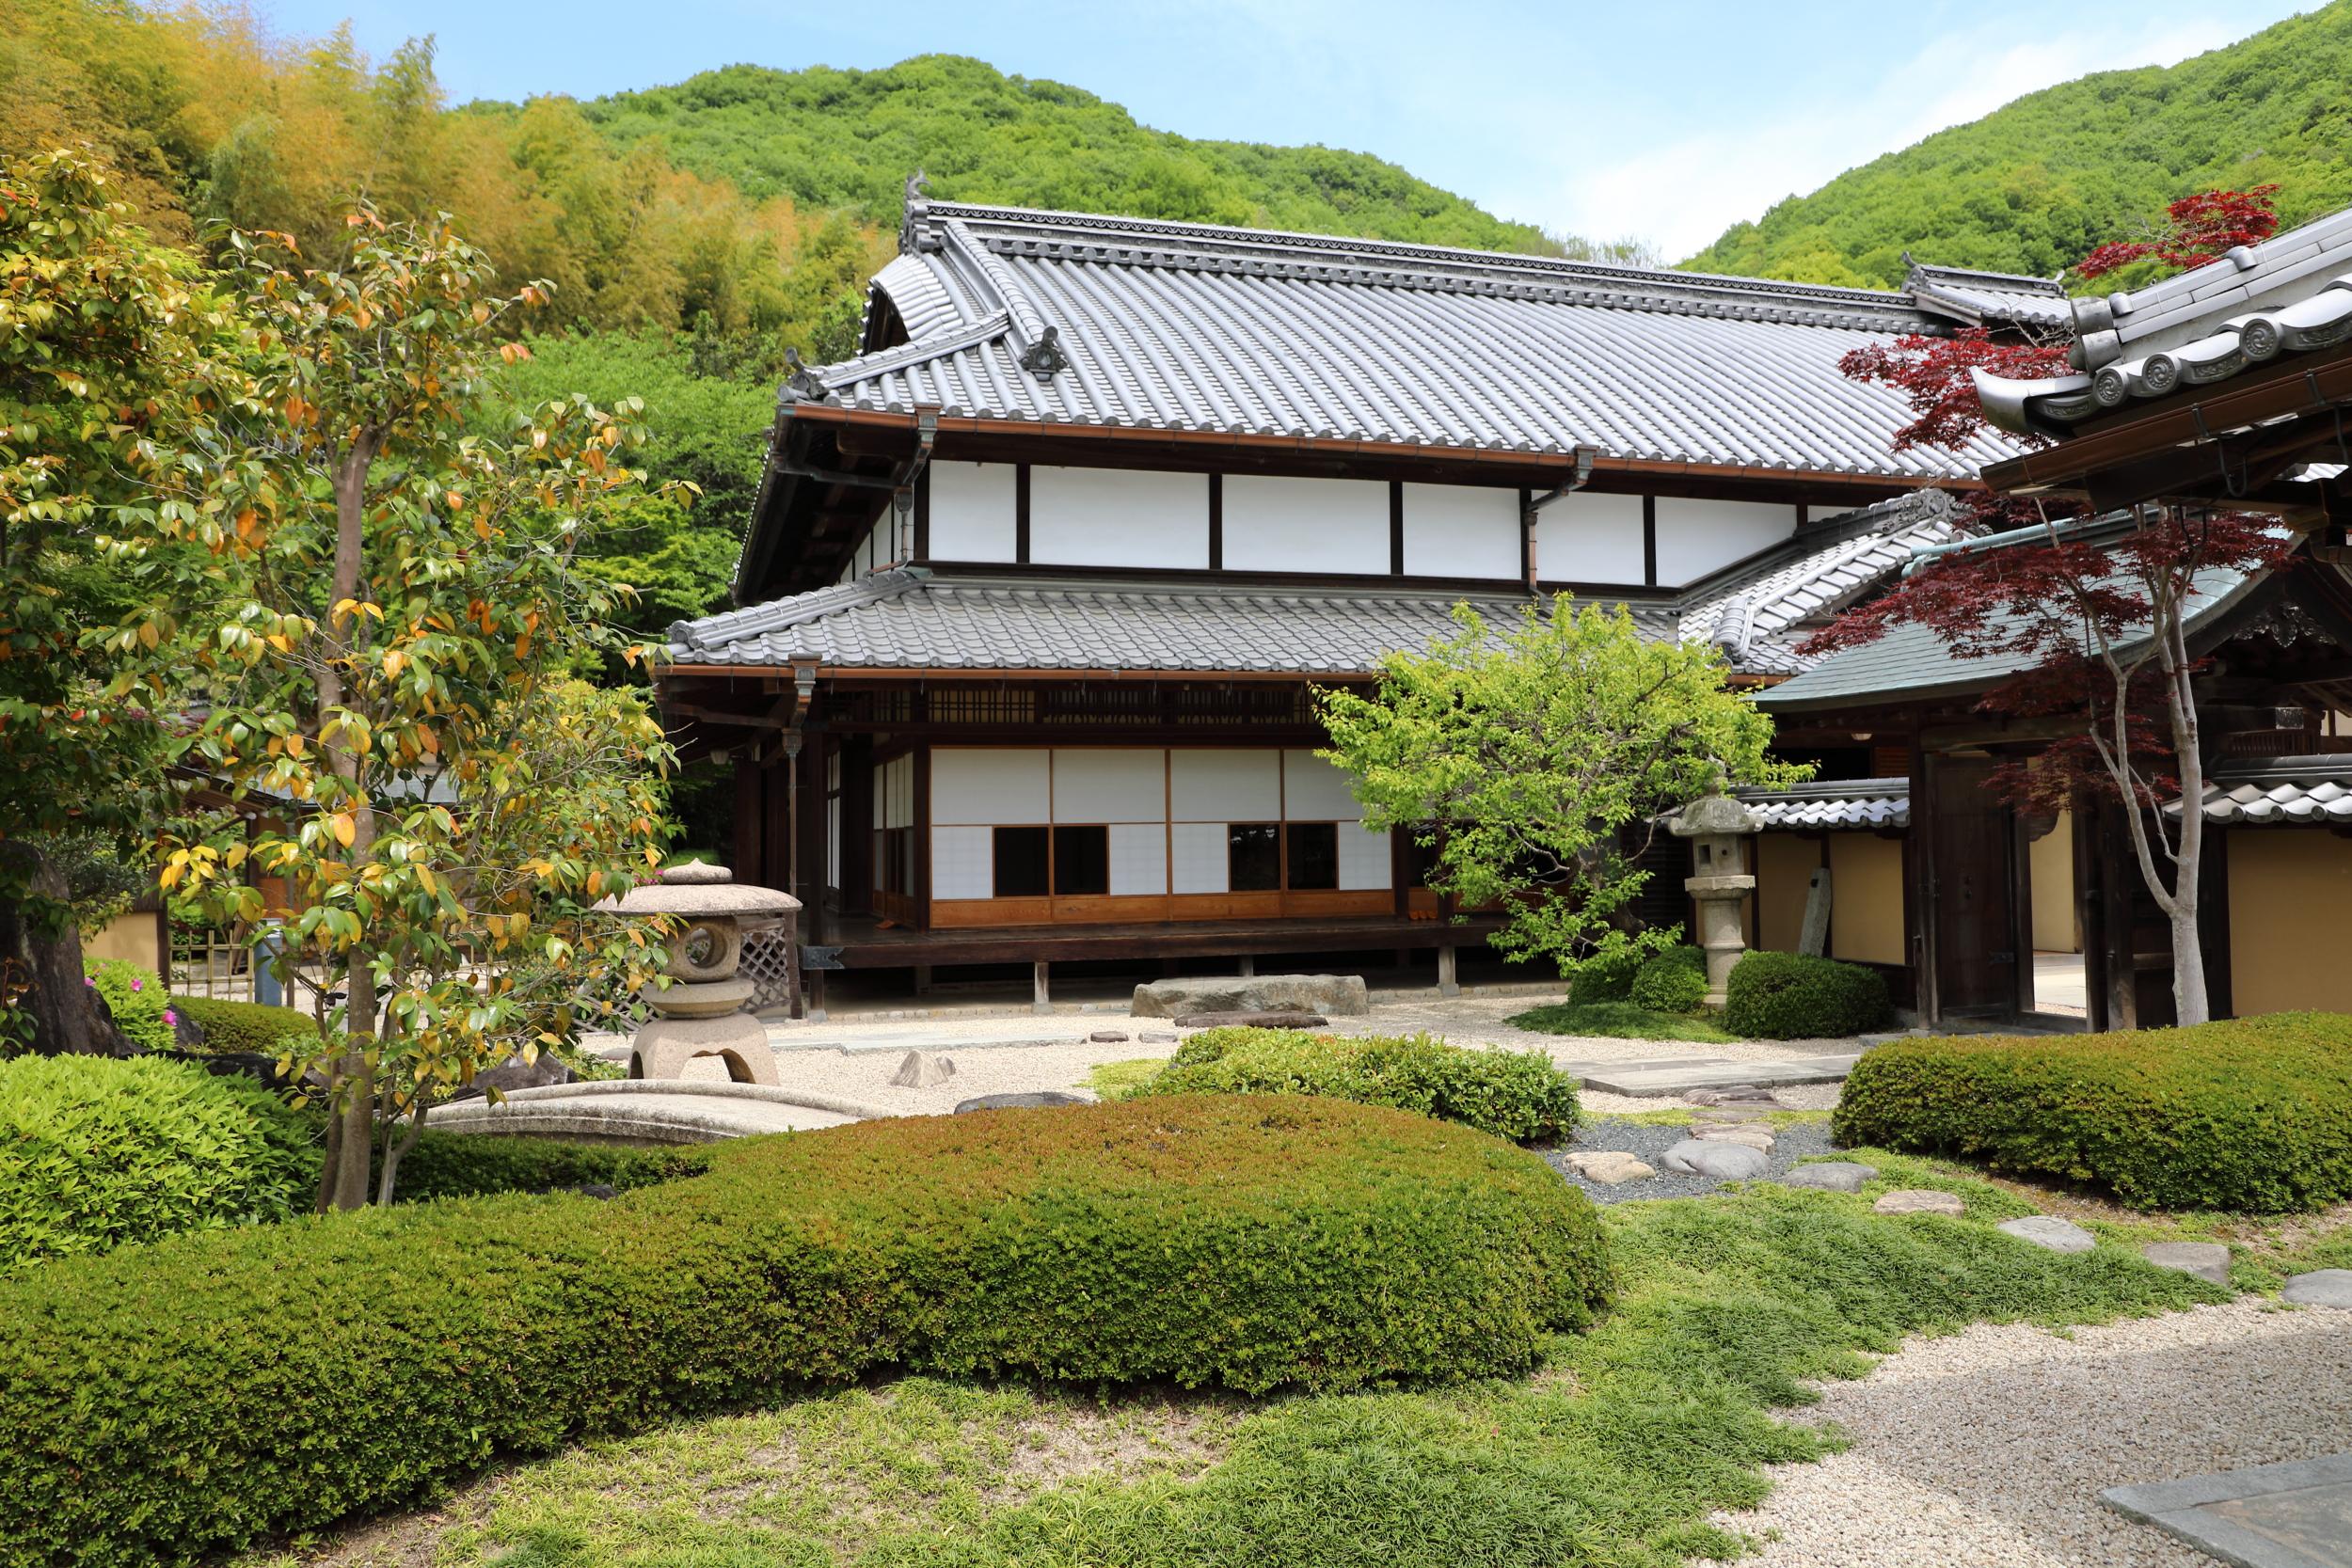 The garden of the Mochizuki house.